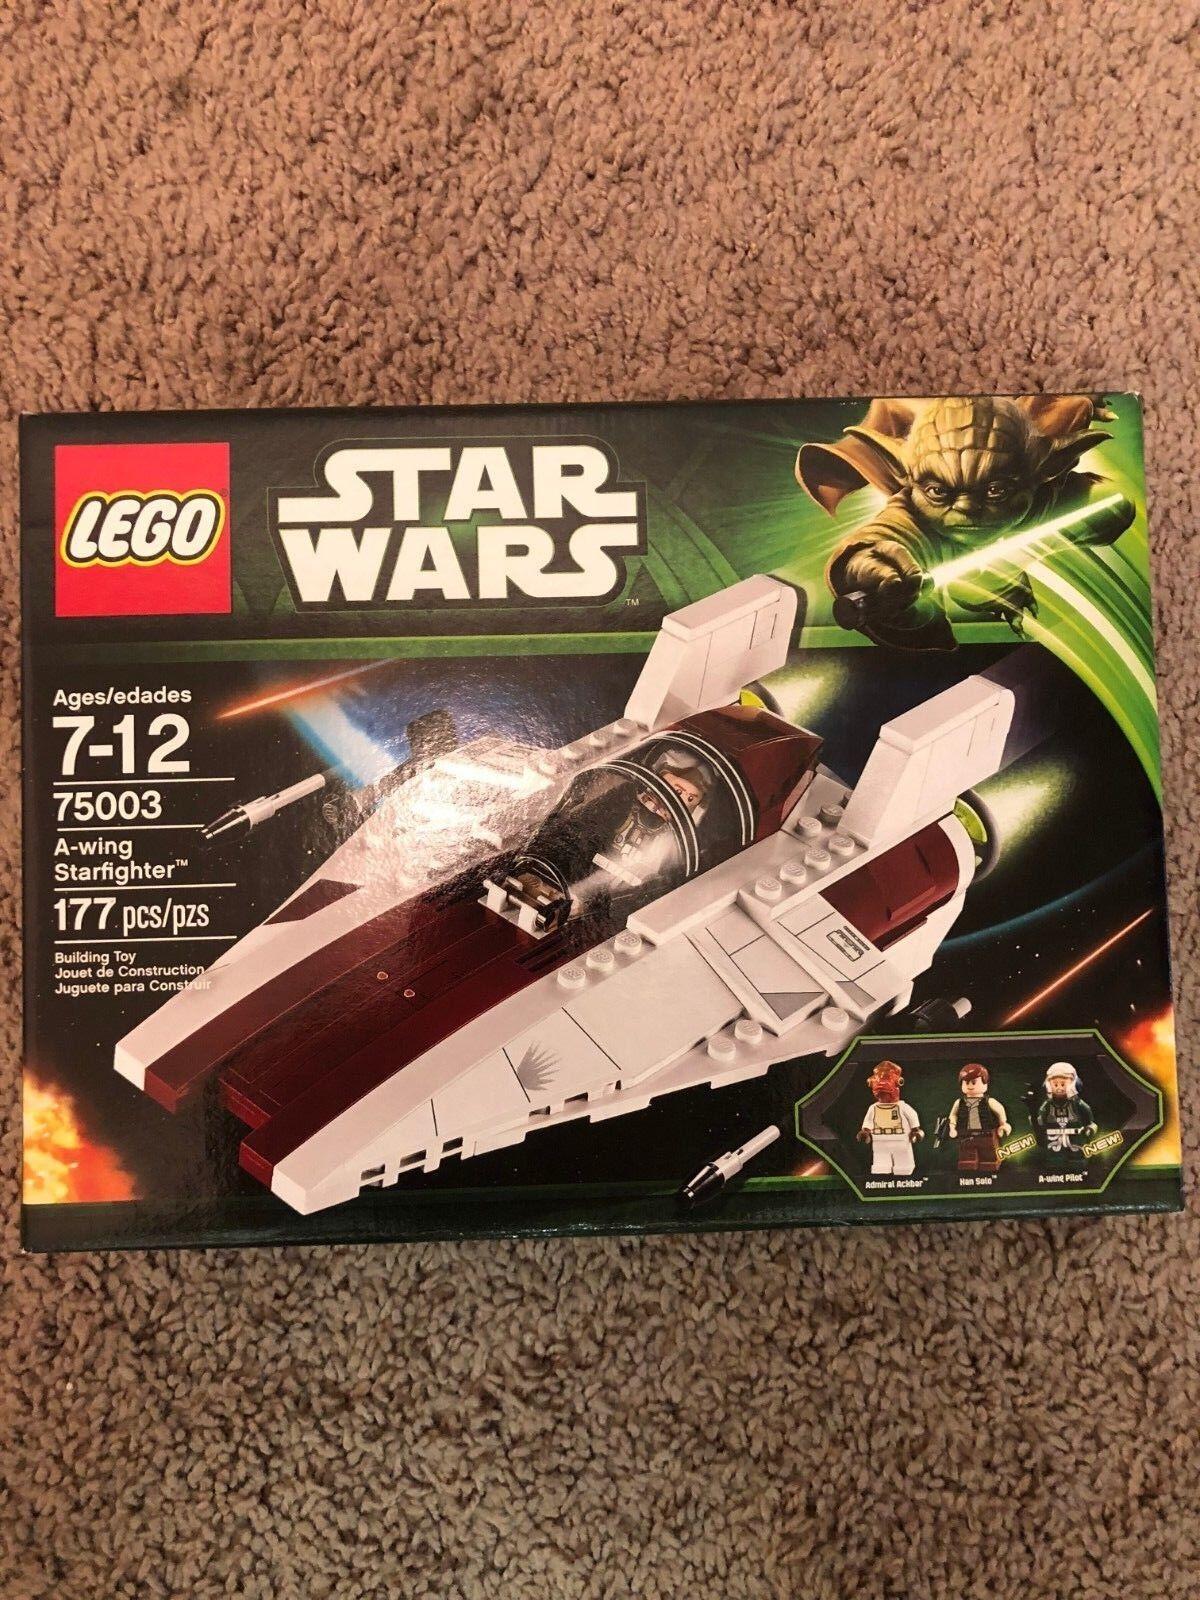 LEGO  estrella guerras 75003 - A-wing estrellacombatiente - Retirosso, nuovo in Sealed scatola  vendita di fama mondiale online